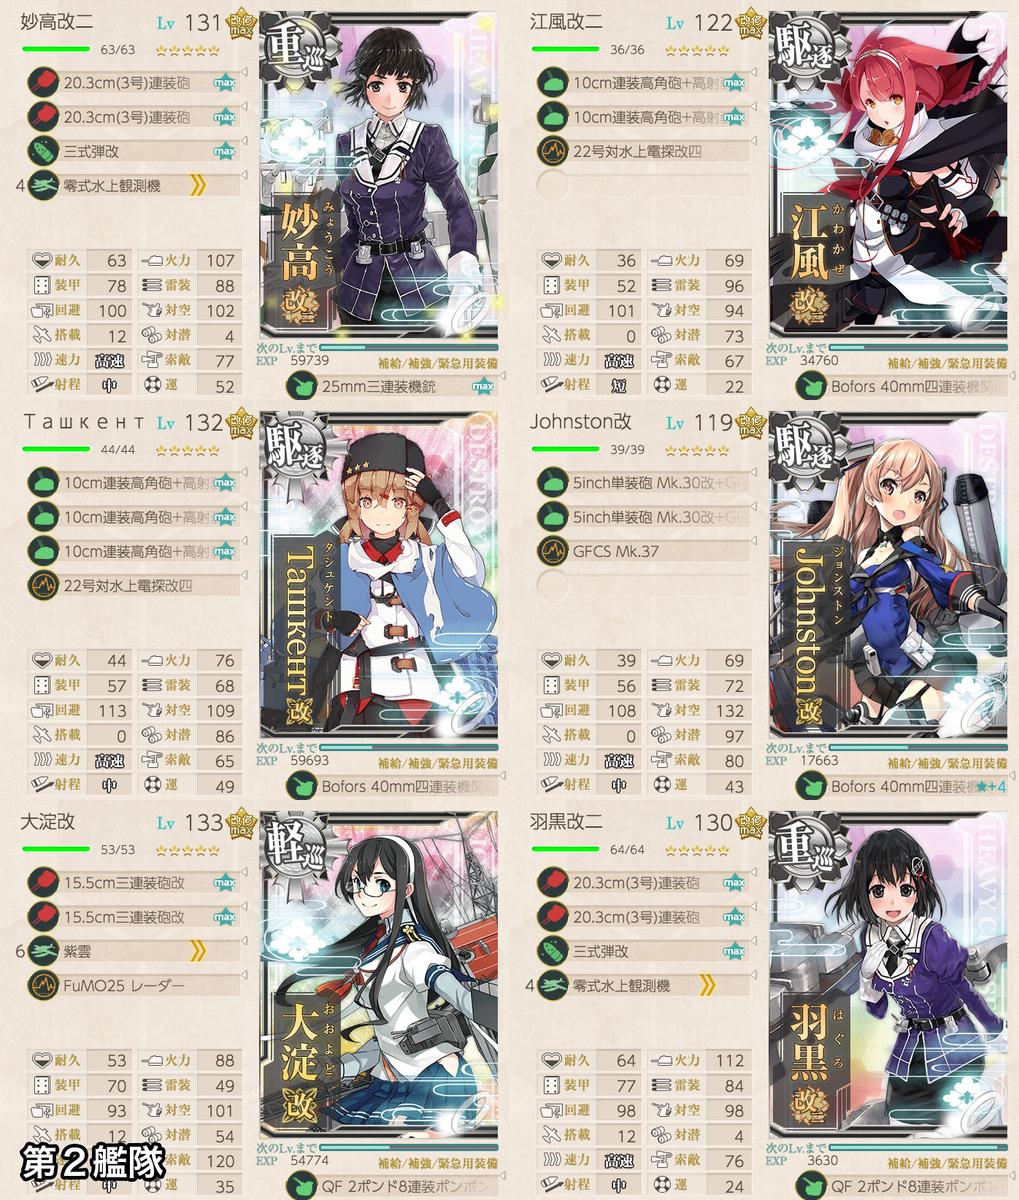 f:id:nameless_admiral:20200813051350j:plain